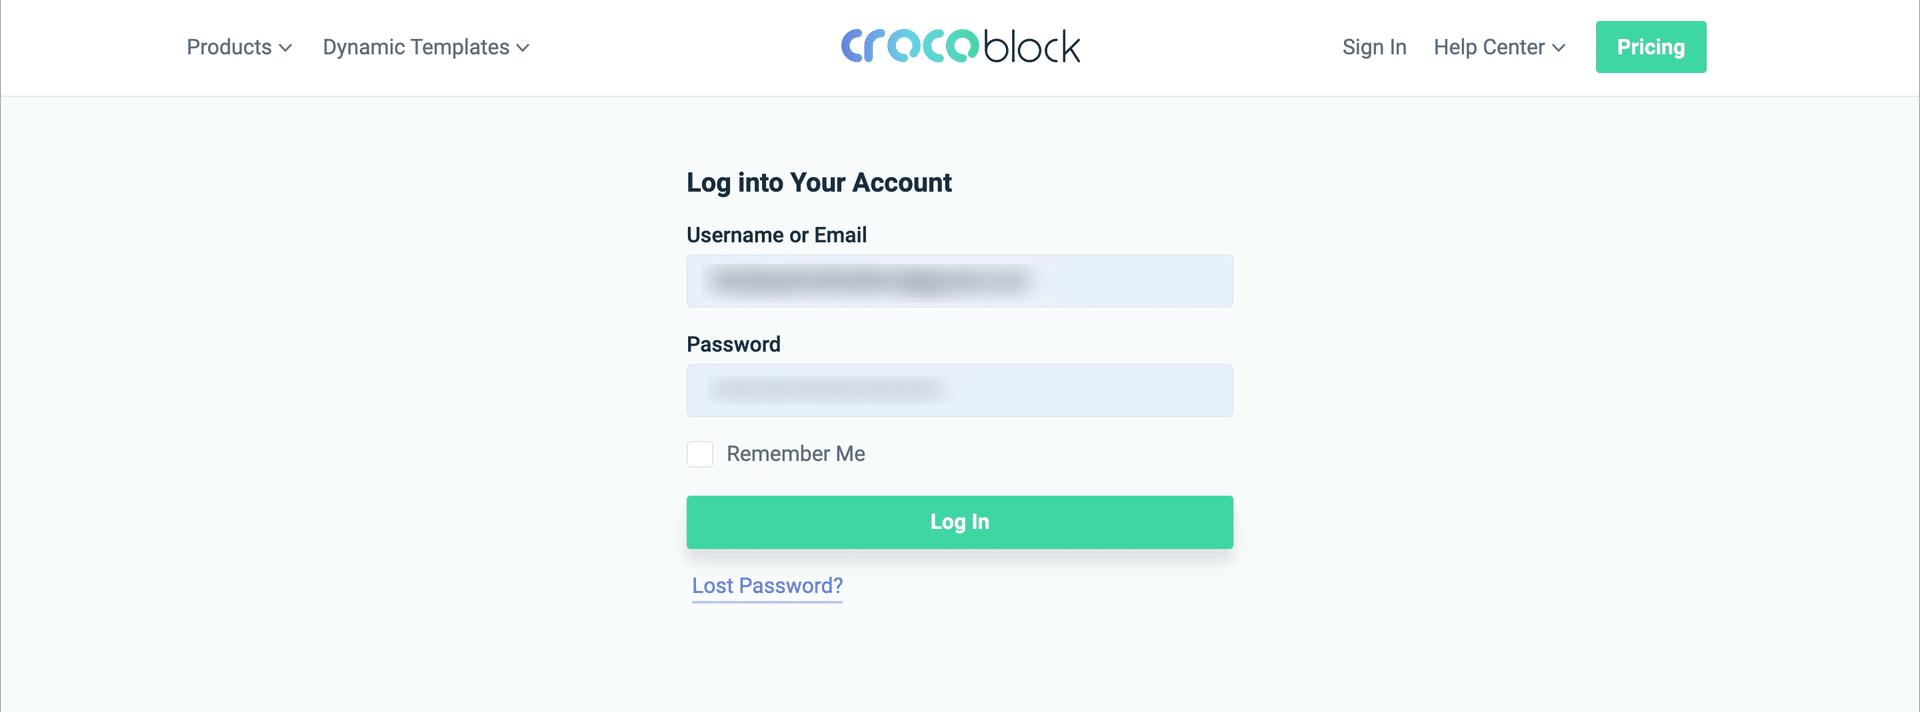 Crocoblockの会員サイトにログイン